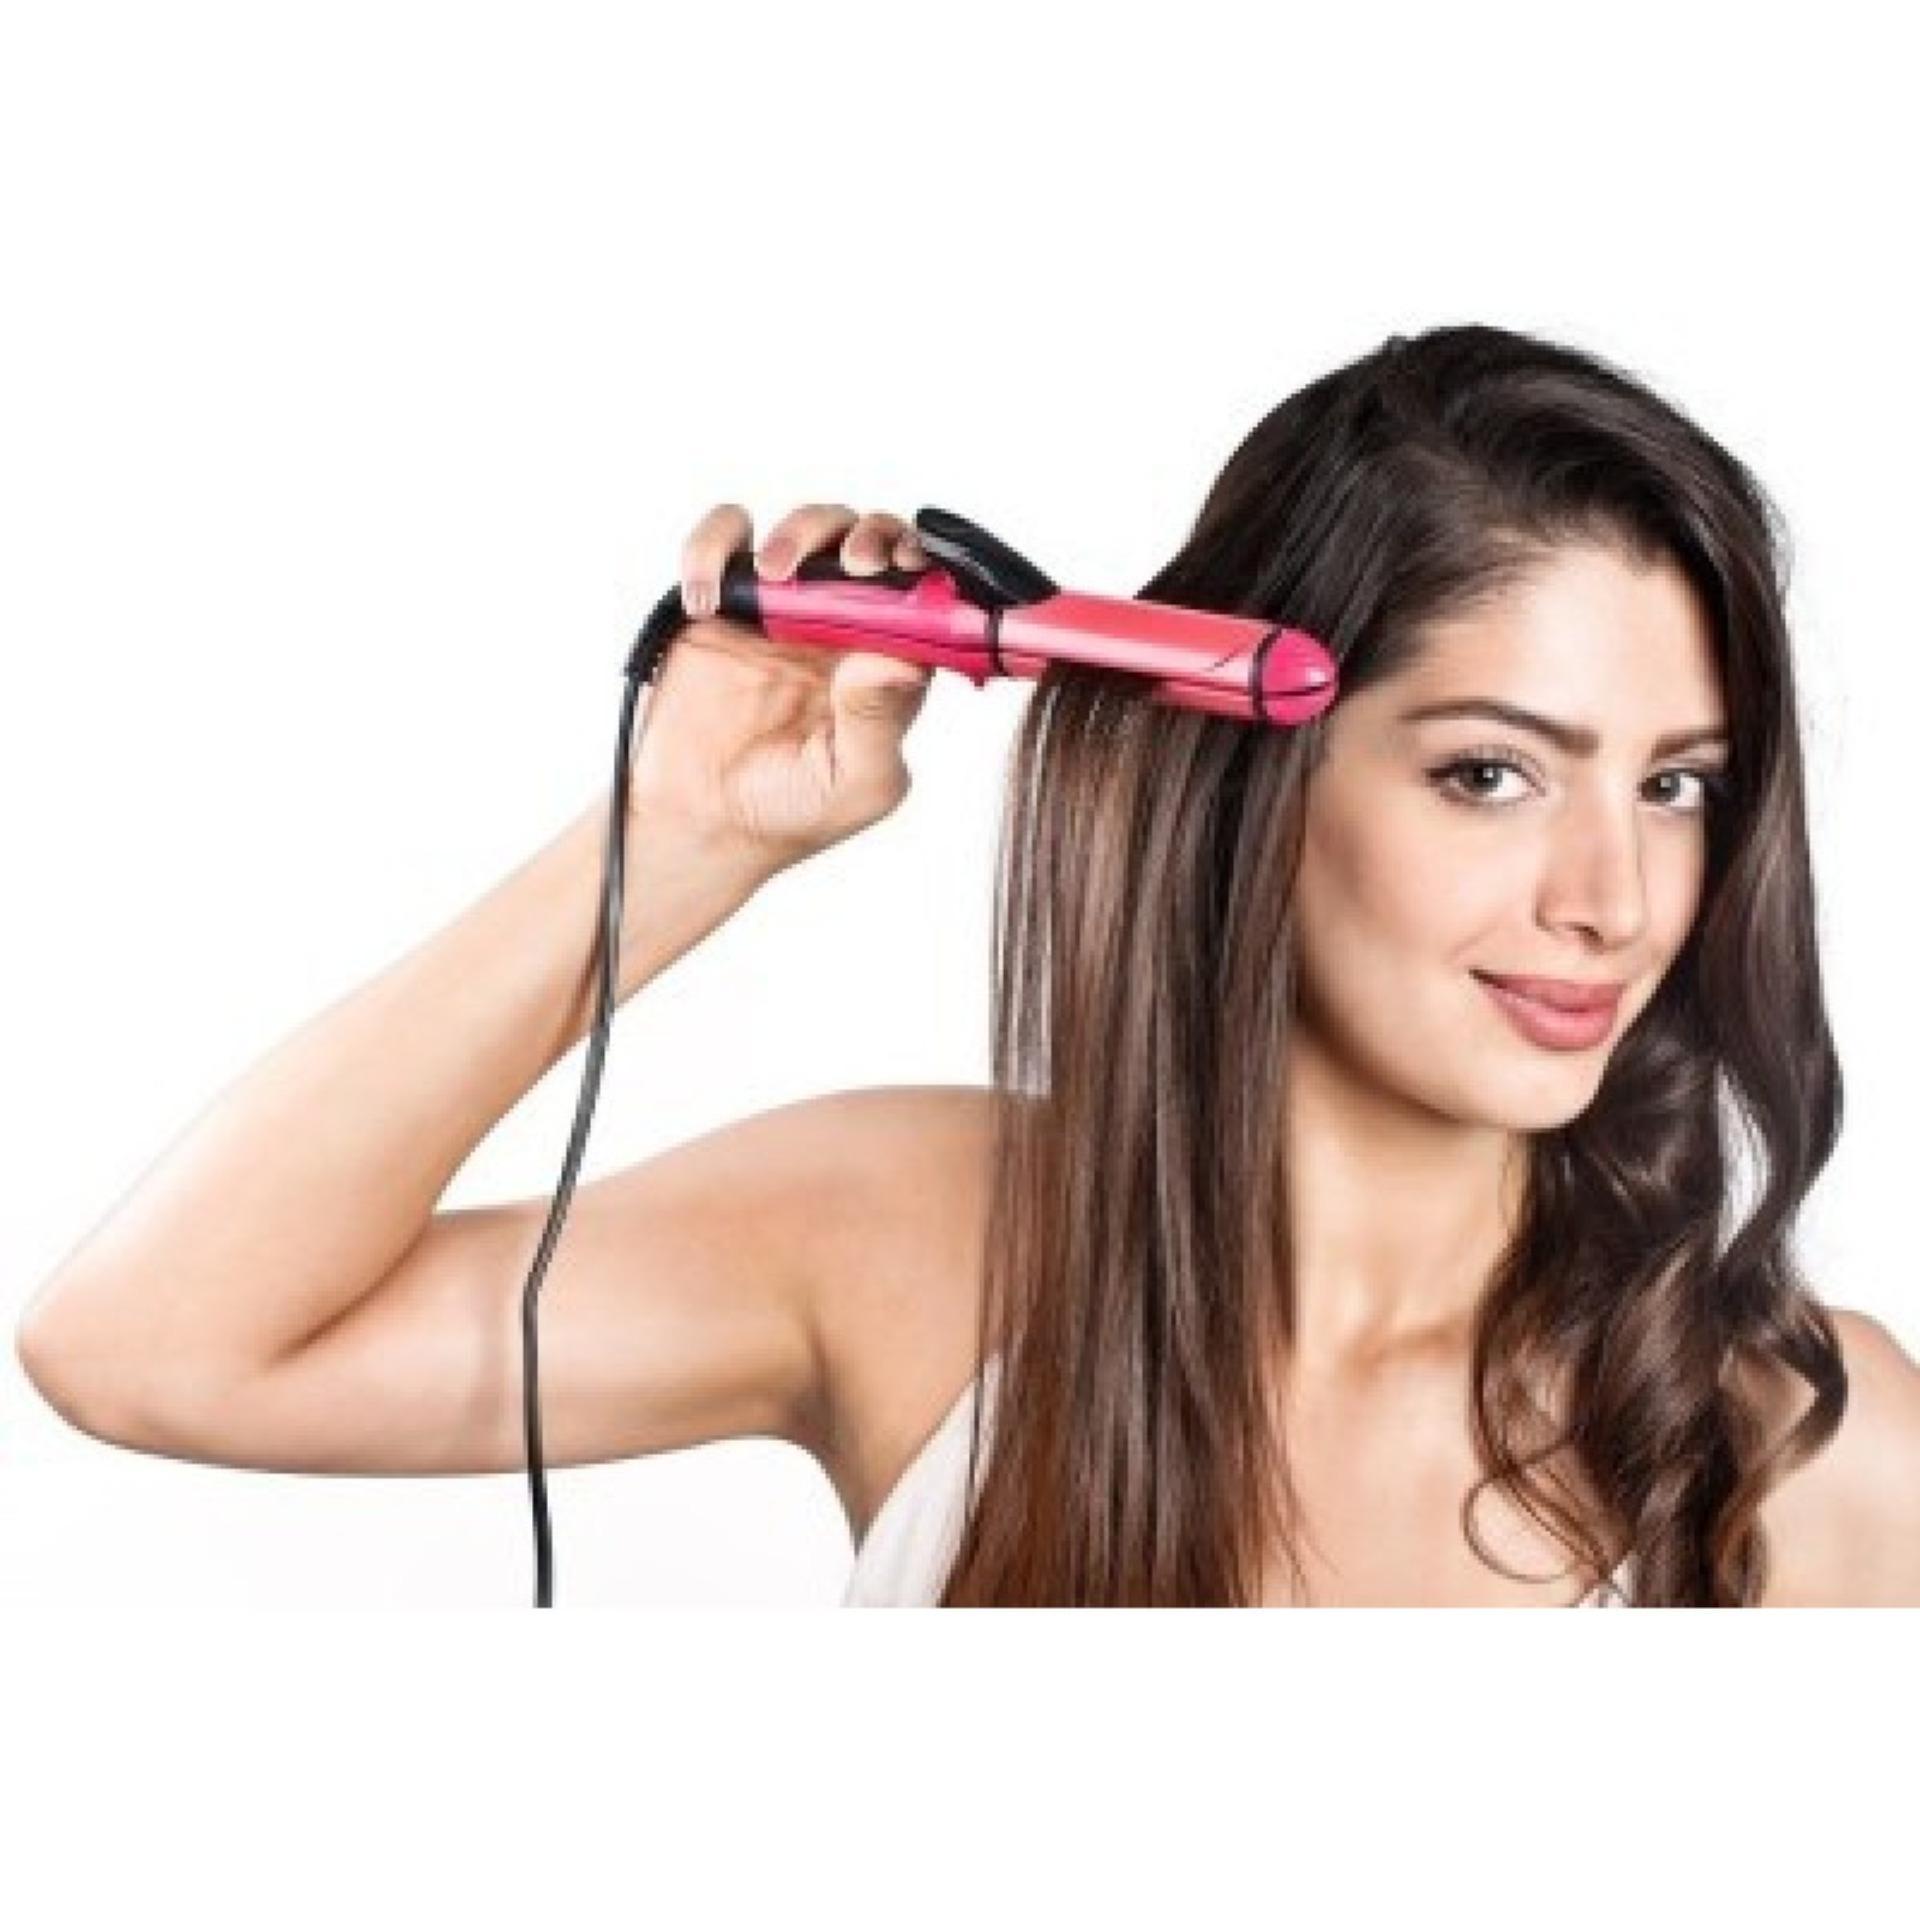 Belanja Murah Nova Catokan Pelurus Rambut Hair Straightener And Philips Hp 8302 Curler 2 In 1